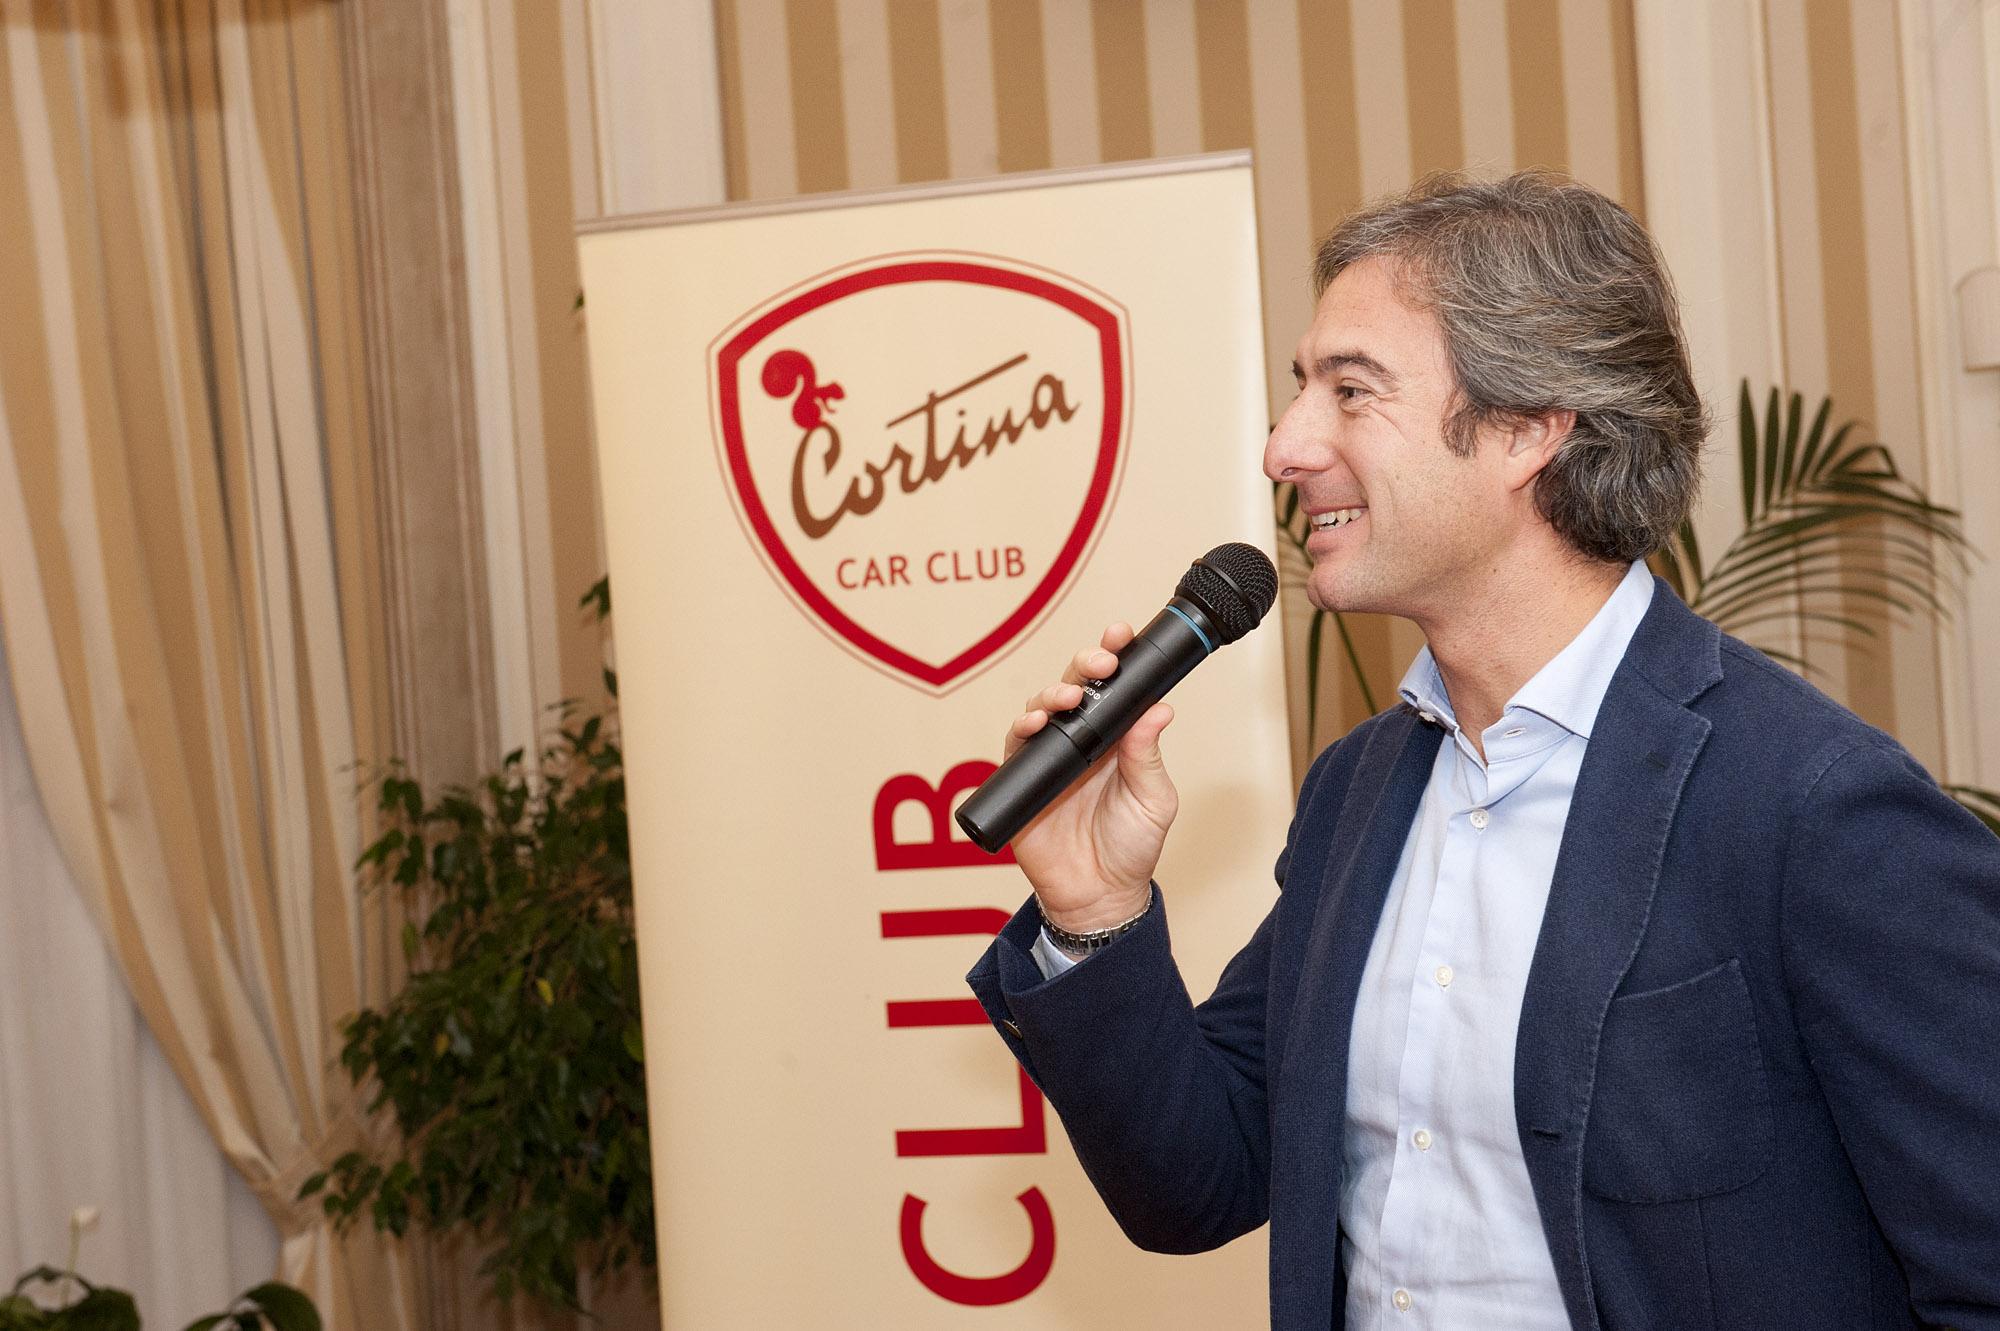 Il neo presidente del Cortina Car Club Gianmarco Gamberini.